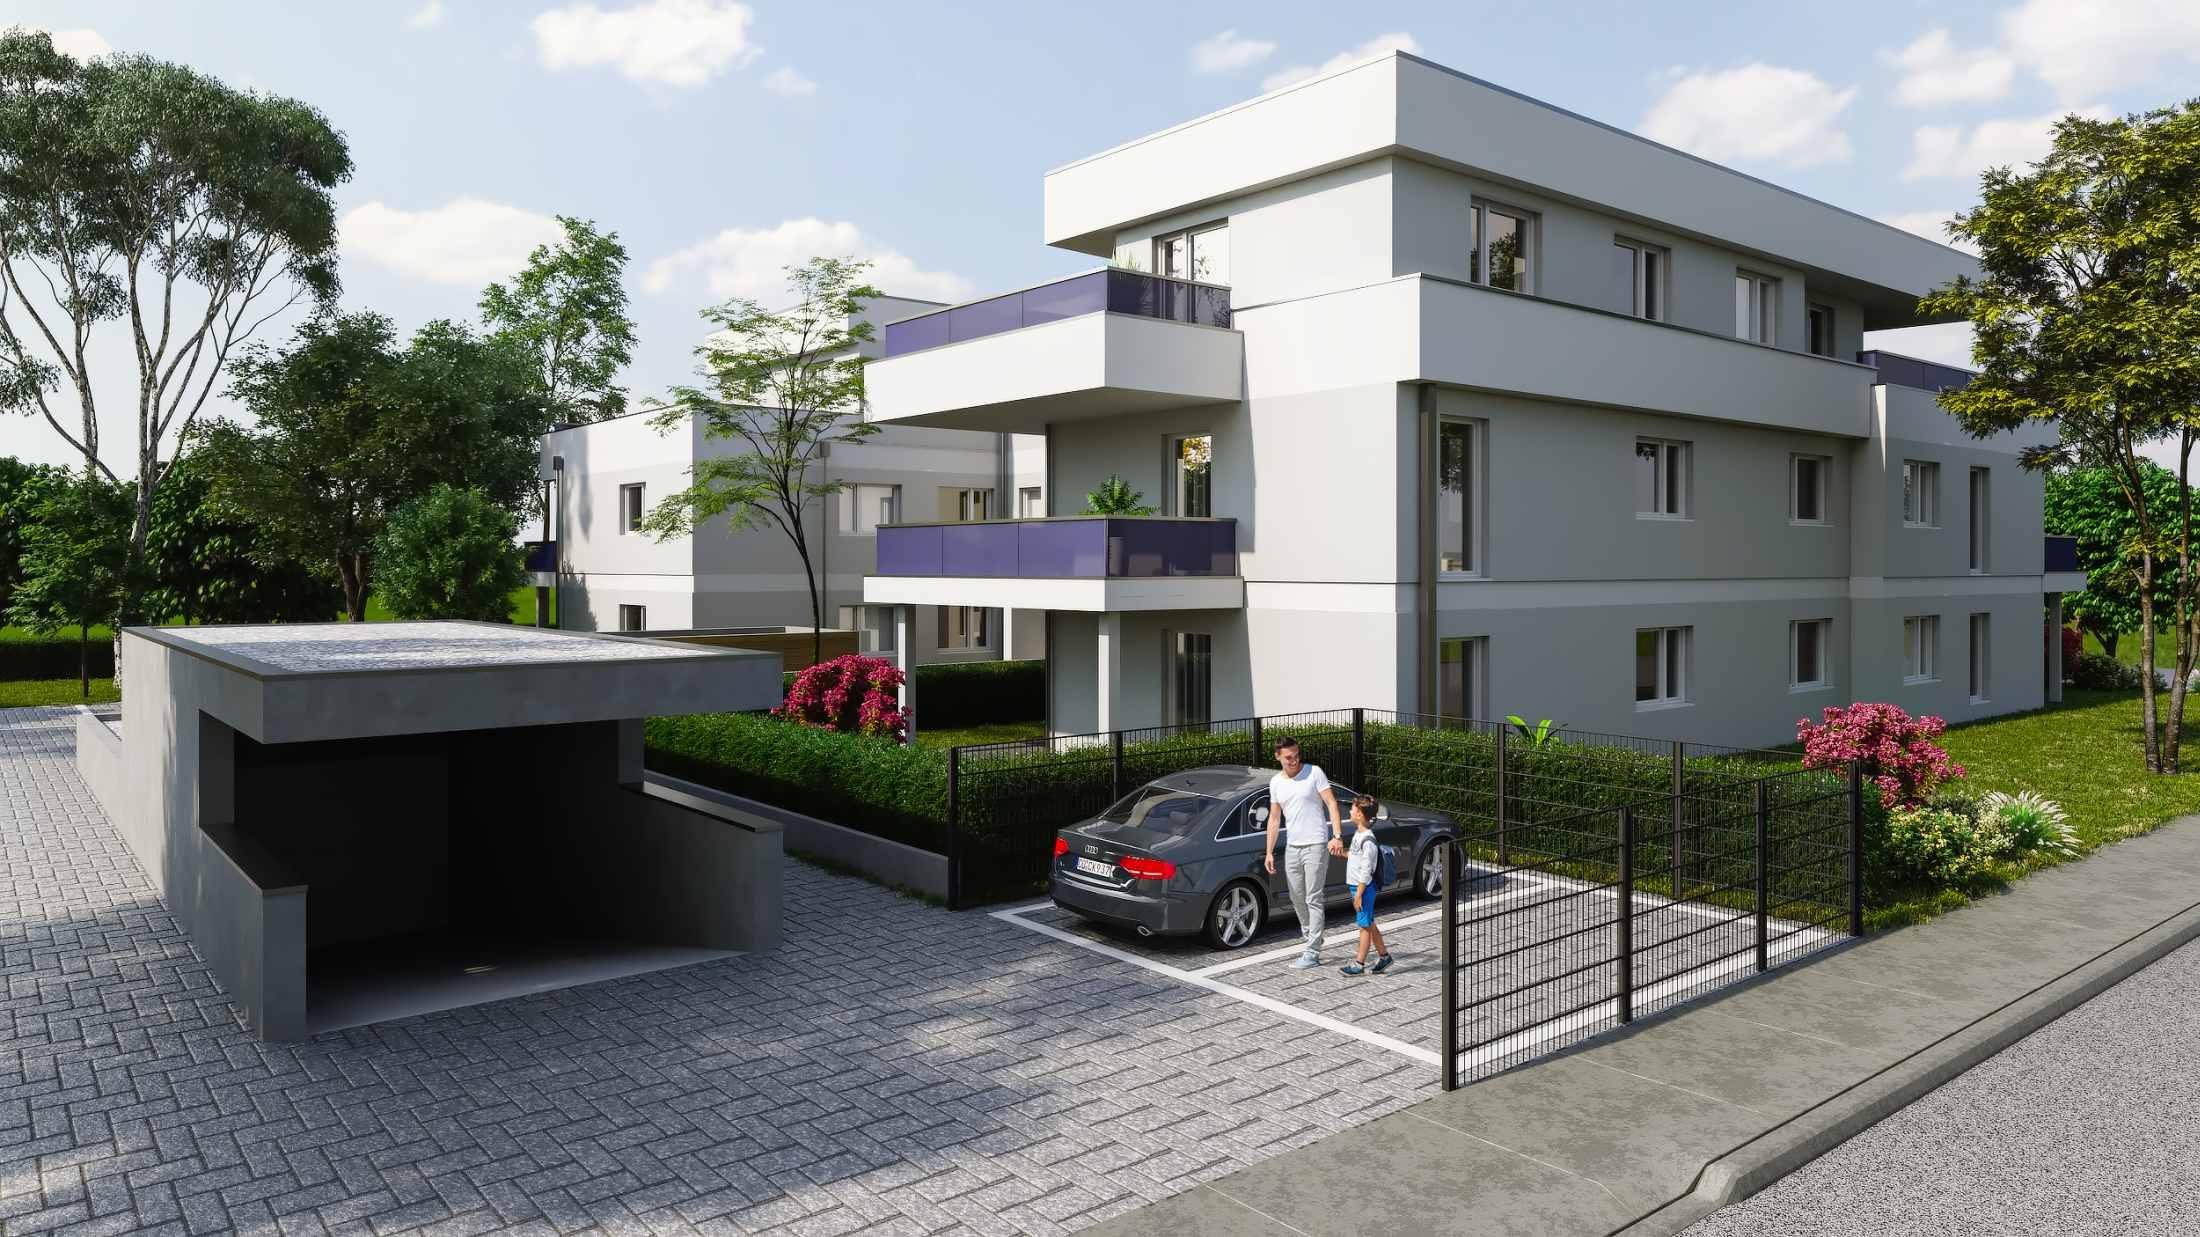 Gebäude Visualisierung in Schwabmünchen